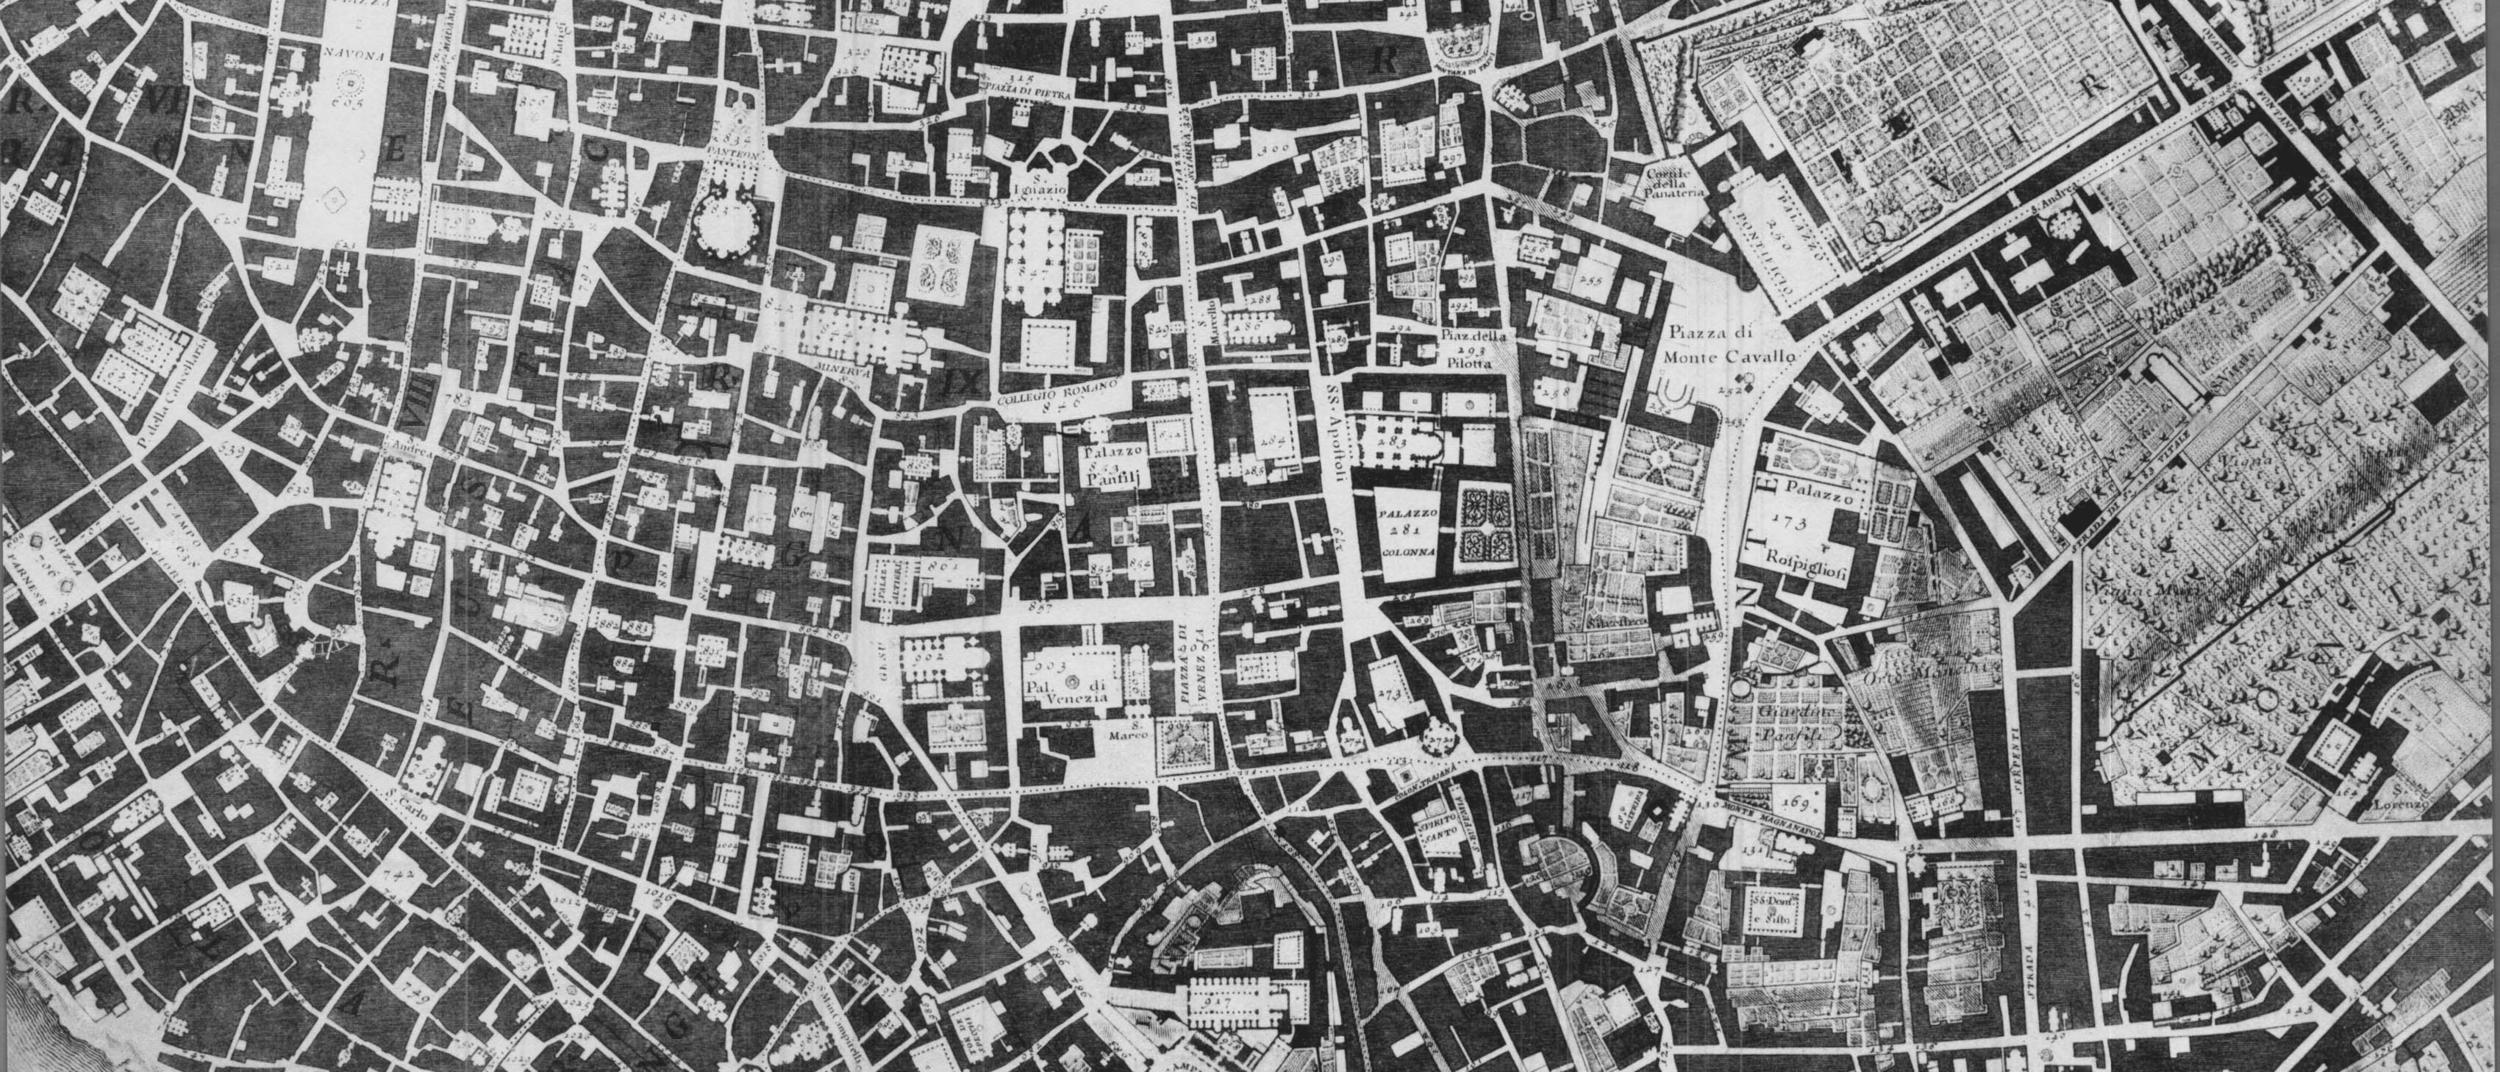 Nolli Tax Map, Rome 1741